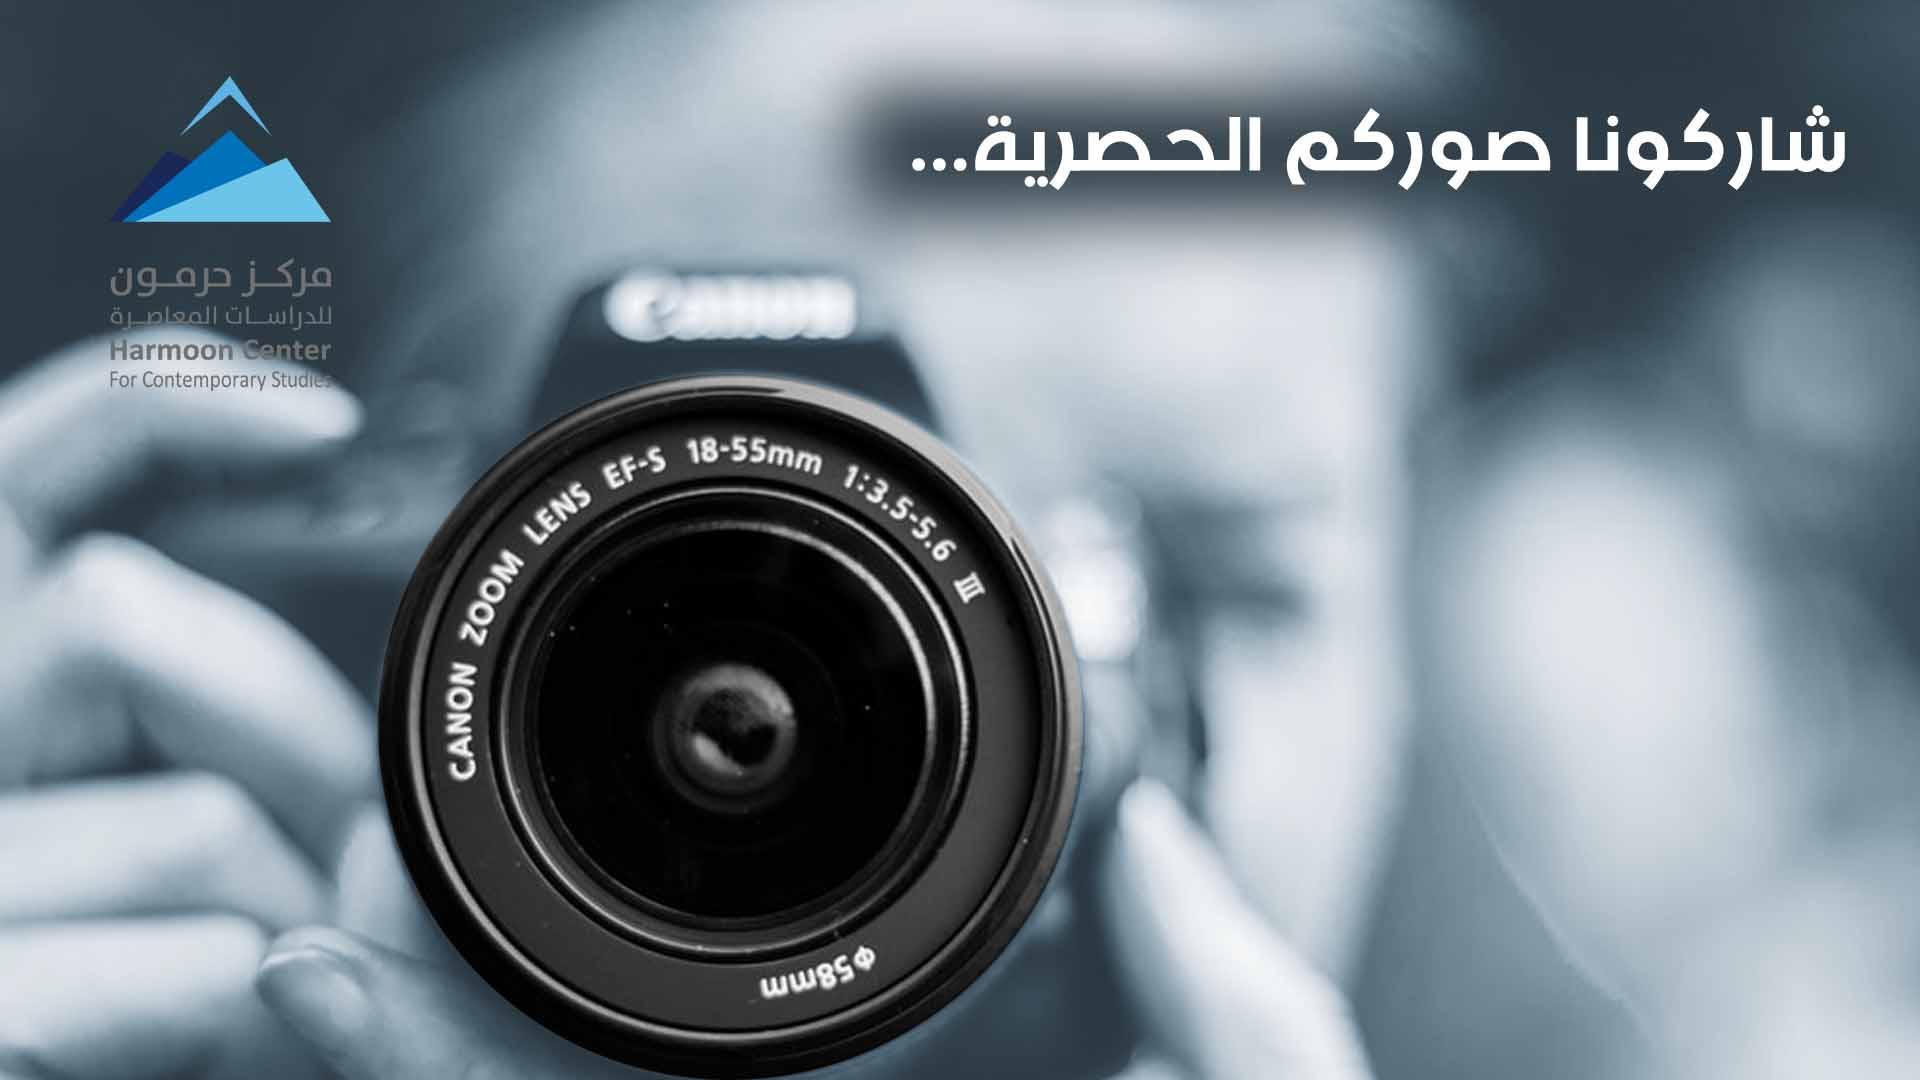 شاركونا صوركم الحصرية